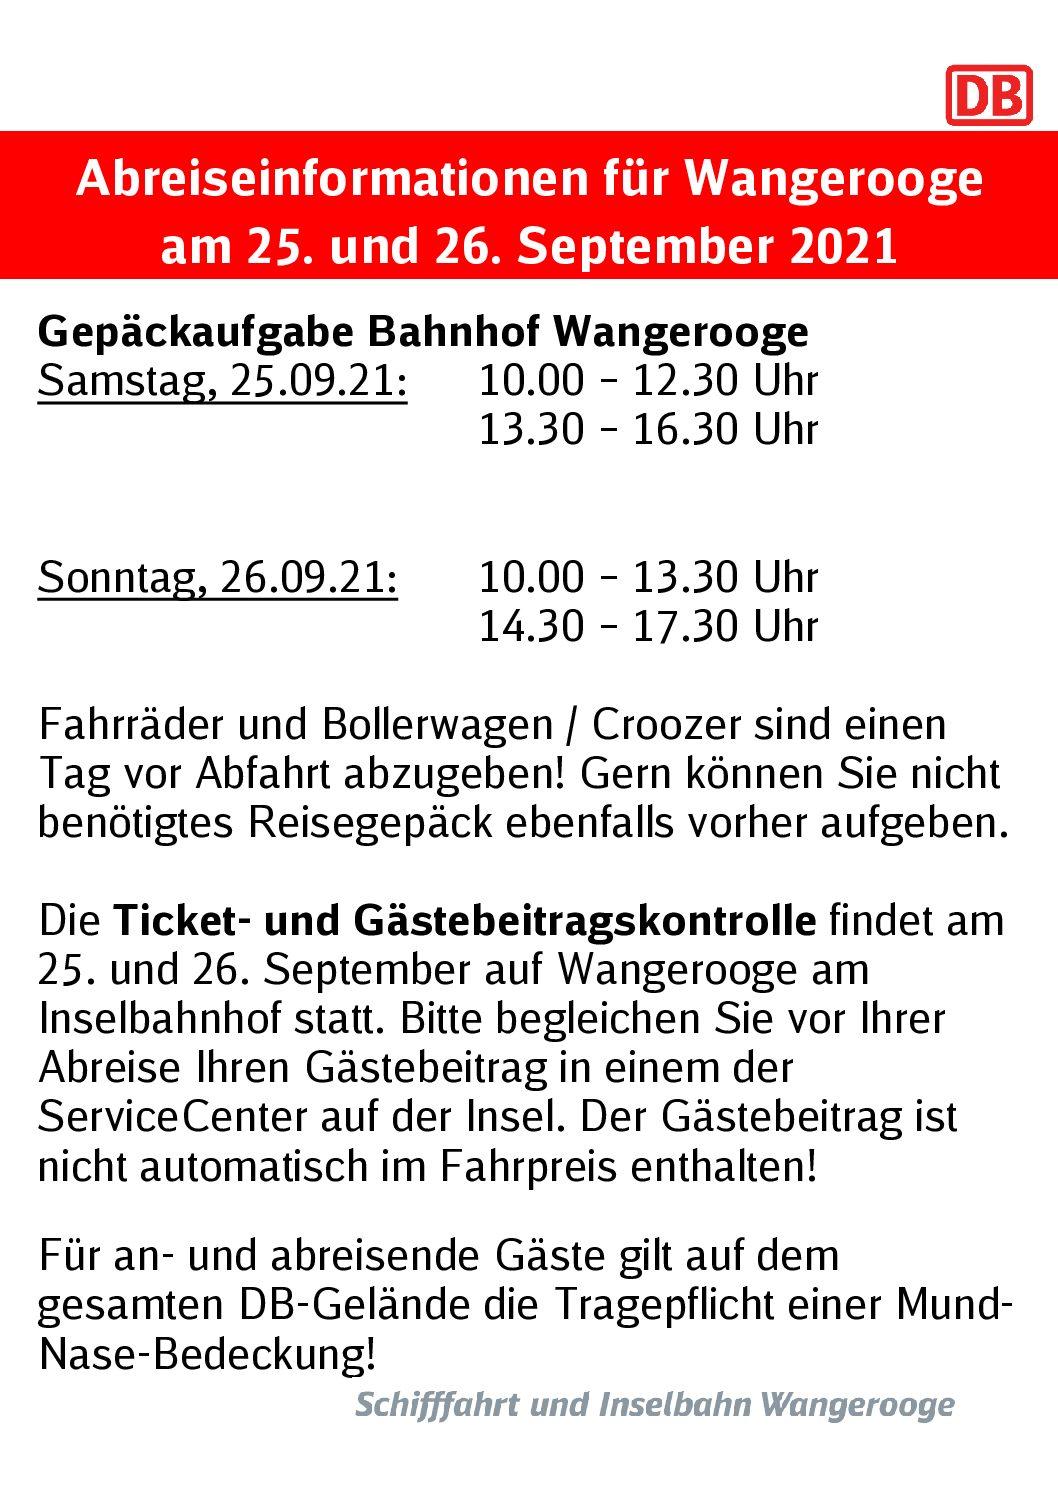 24.09.2021 DB/SIW Abreiseinformationen für Wangerooge am 25. und 26. September 2021